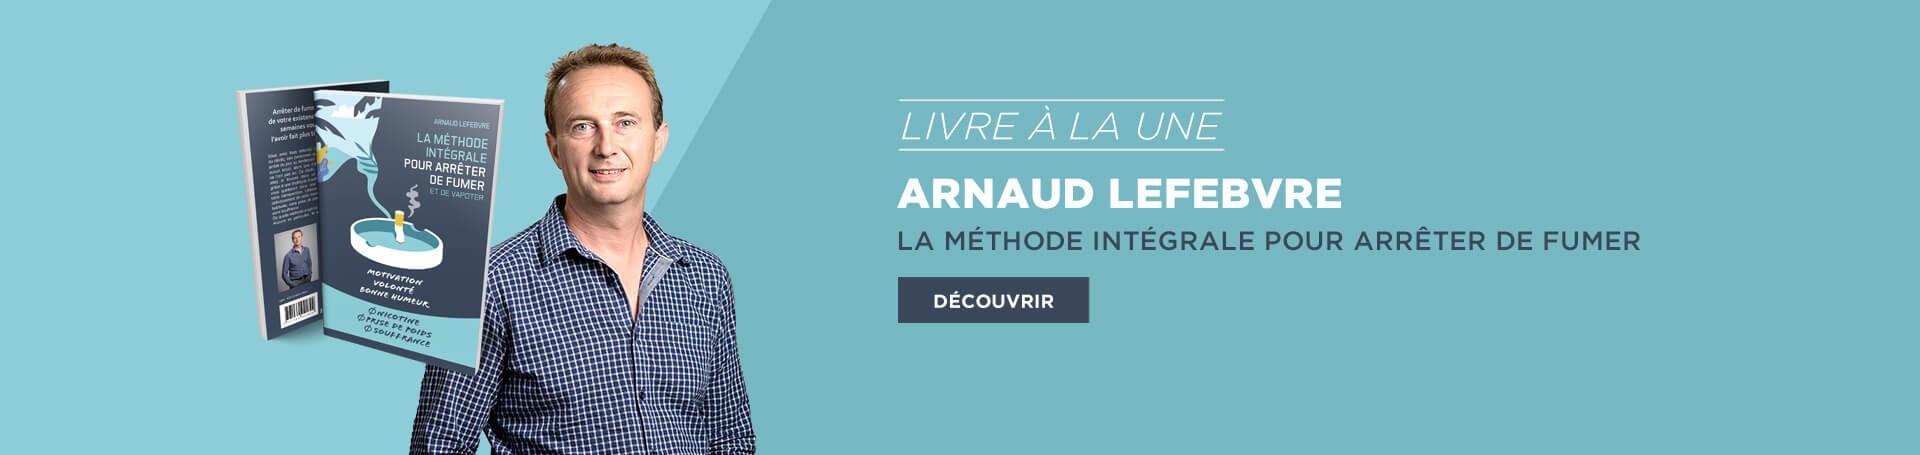 La méthode intégrale pour arrêter de fumer - Arnaud Lefebvre